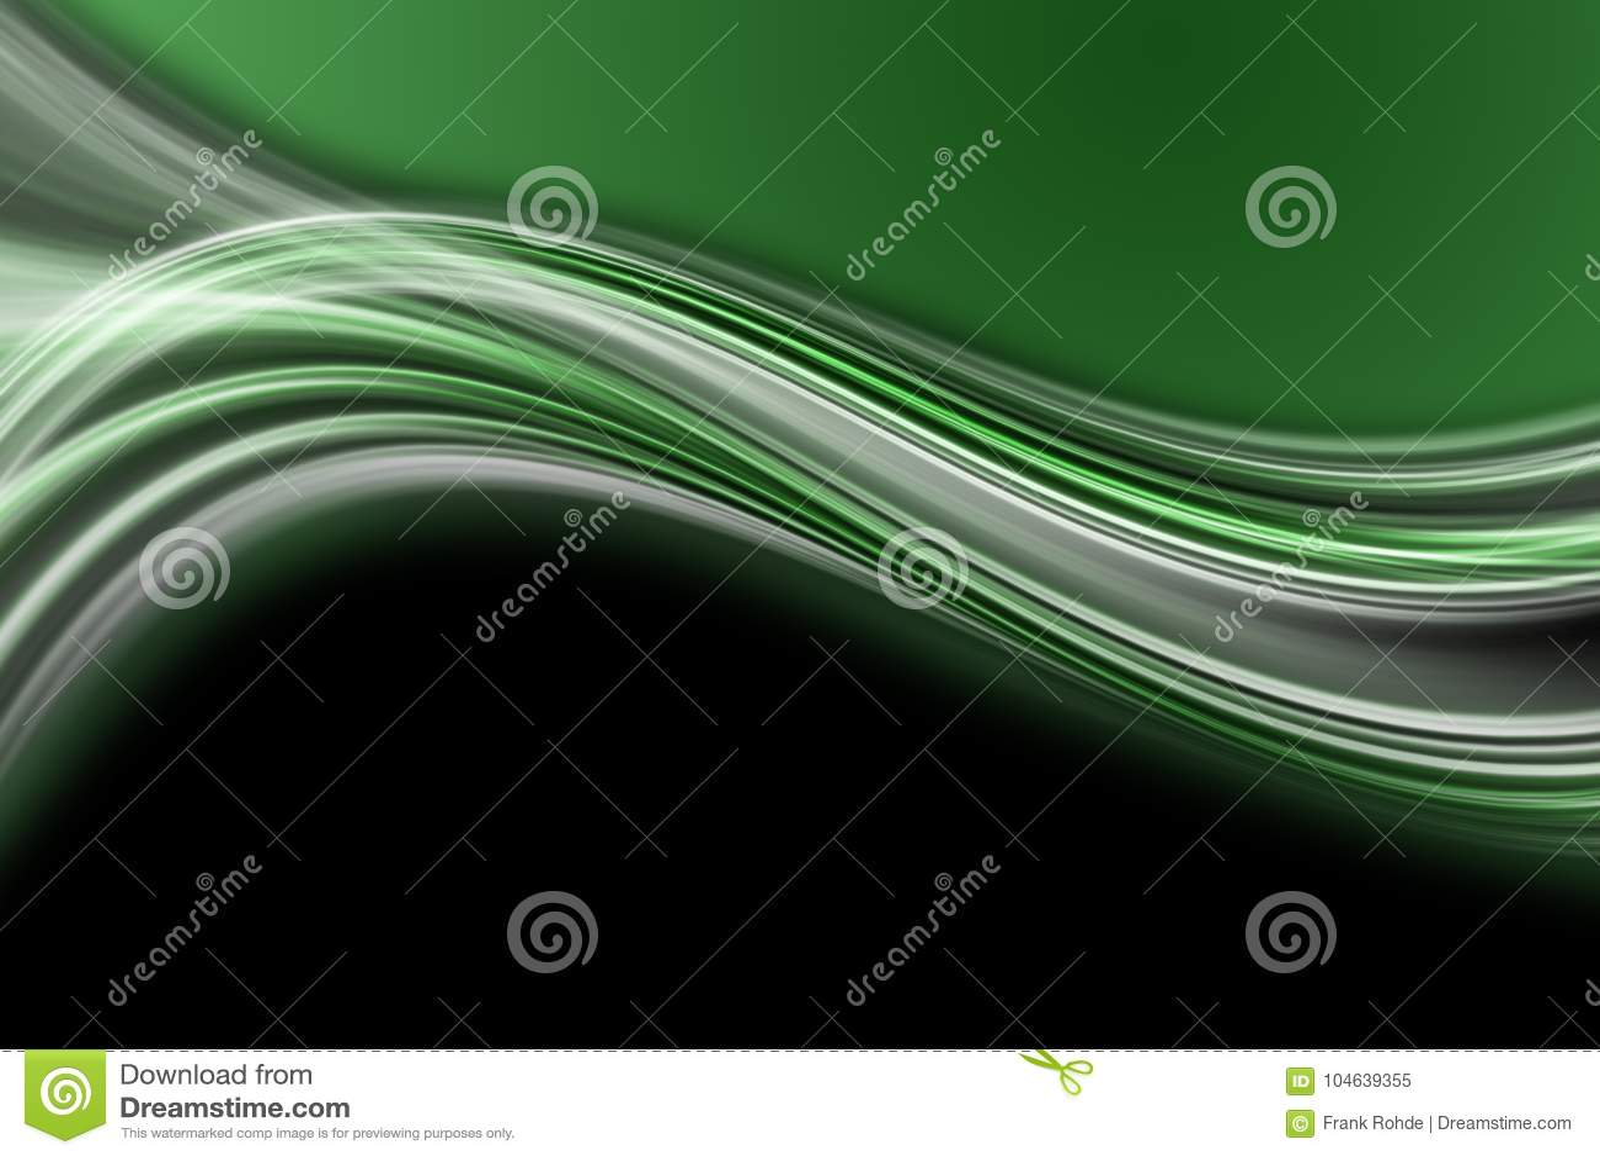 Download Het Abstracte Ontwerp Van De Ecogolf Stock Illustratie - Illustratie bestaande uit esthetica, energie: 104639355